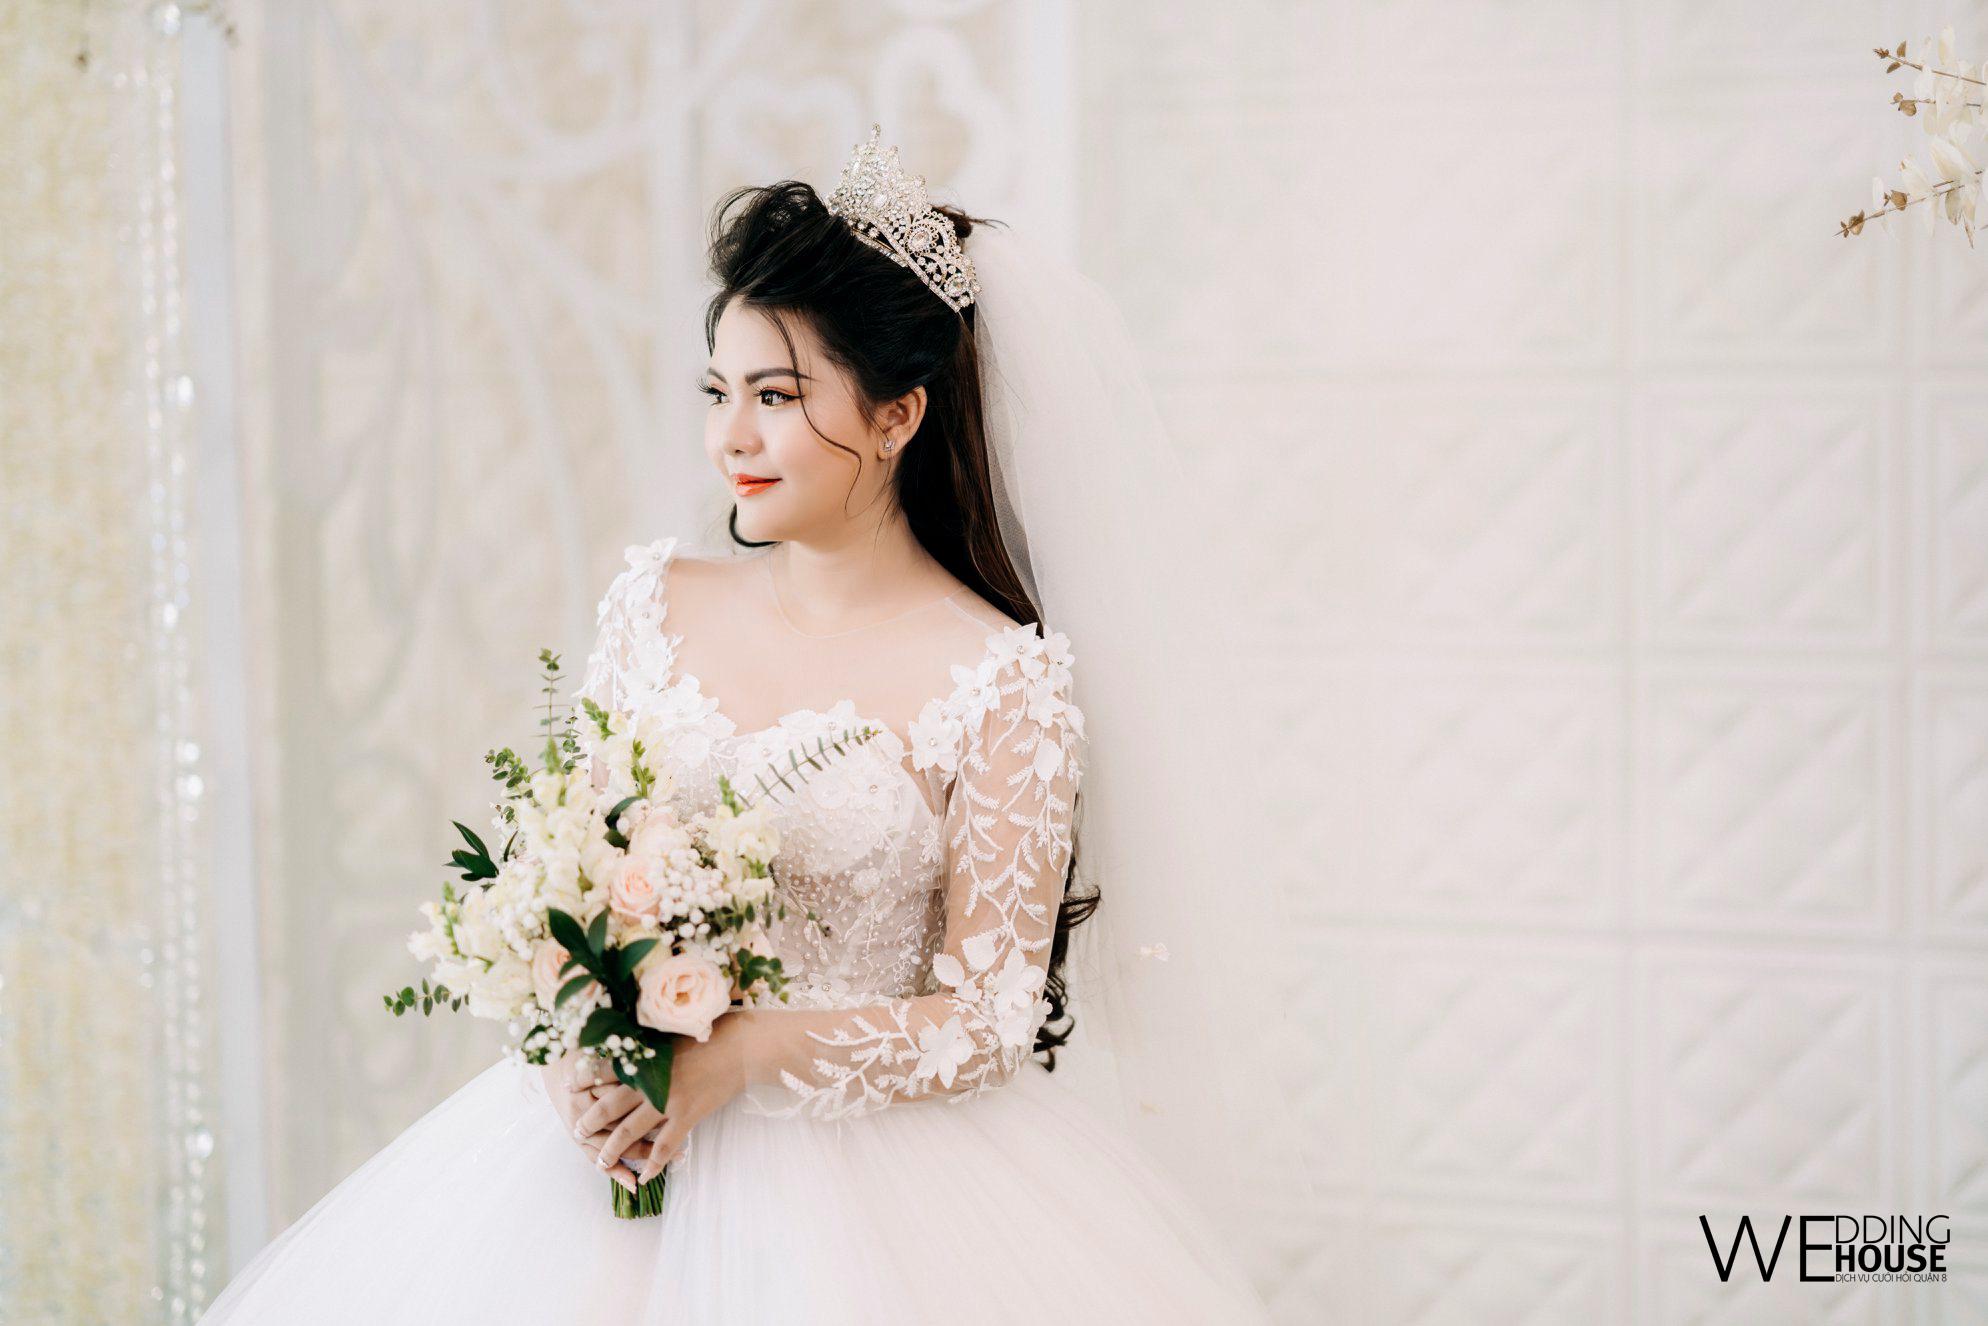 Wedding House - Dịch Vụ Cưới Hỏi Quận 8 - TP Hồ Chí Minh